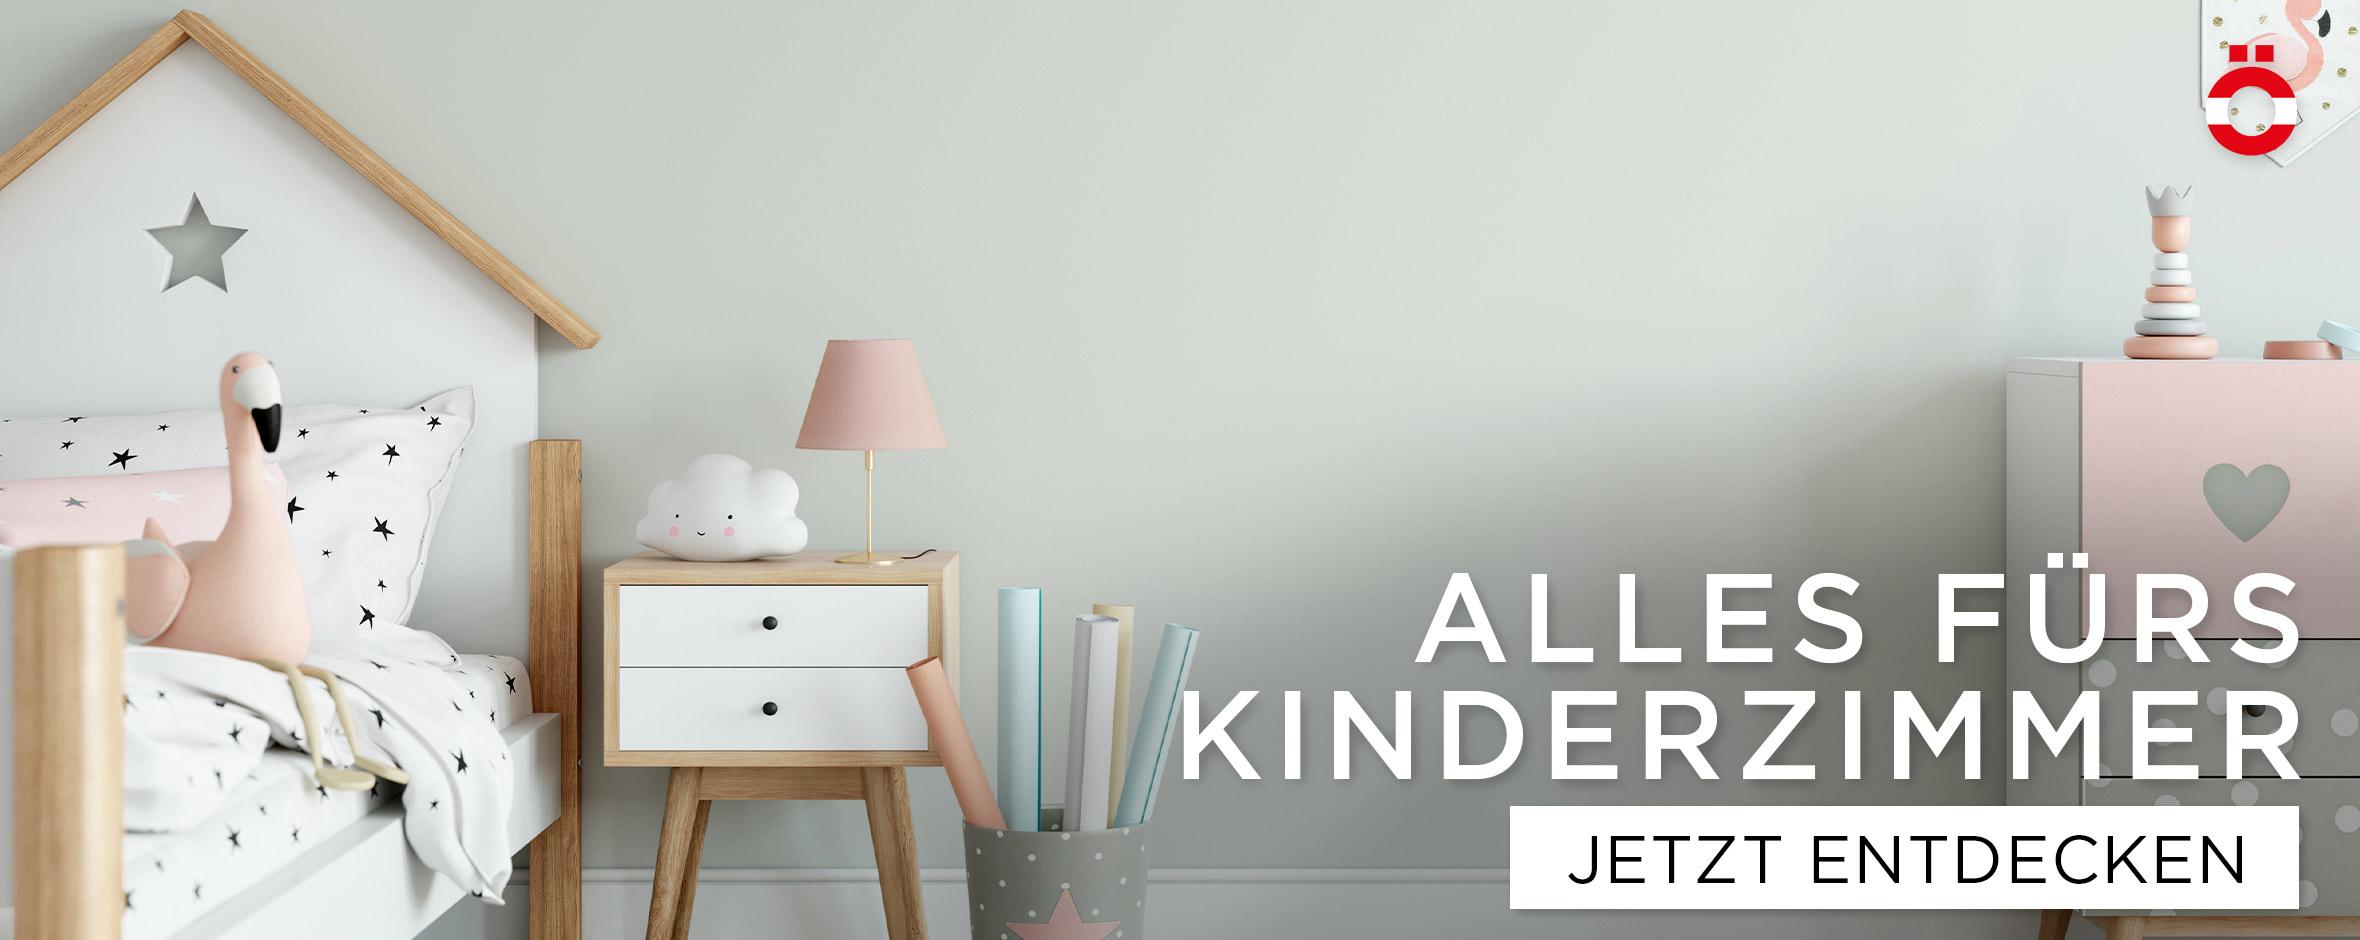 Alles fürs Kinderzimmer